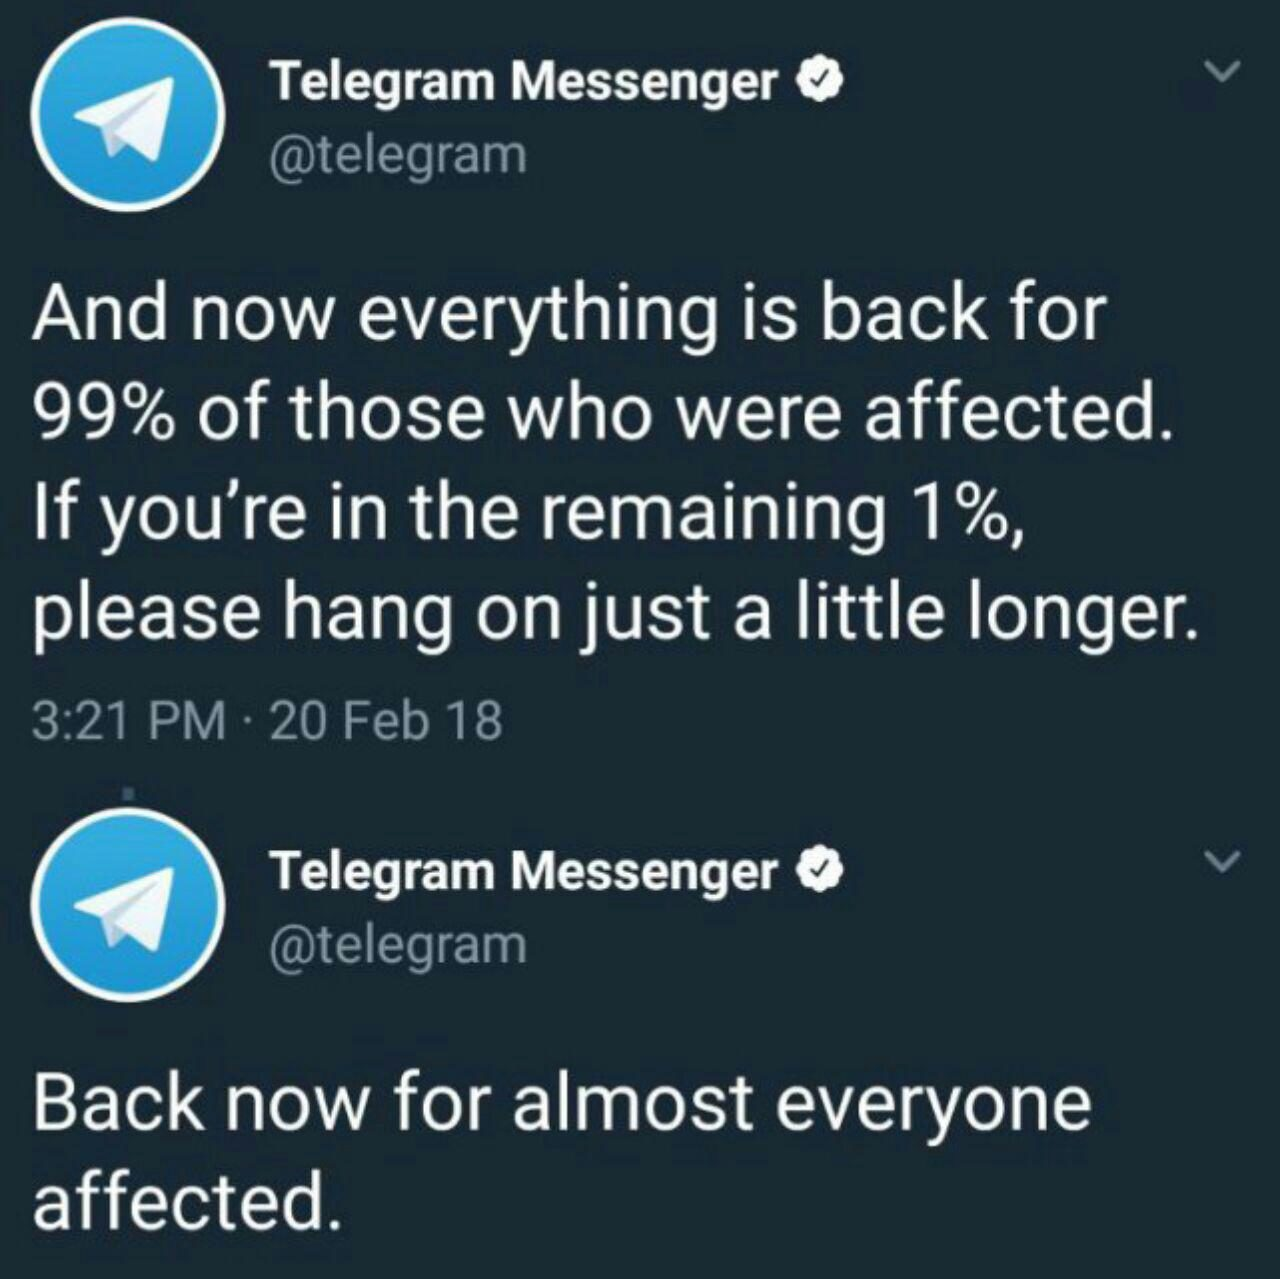 دسترسی به تلگرام با اختلال مواجه شد